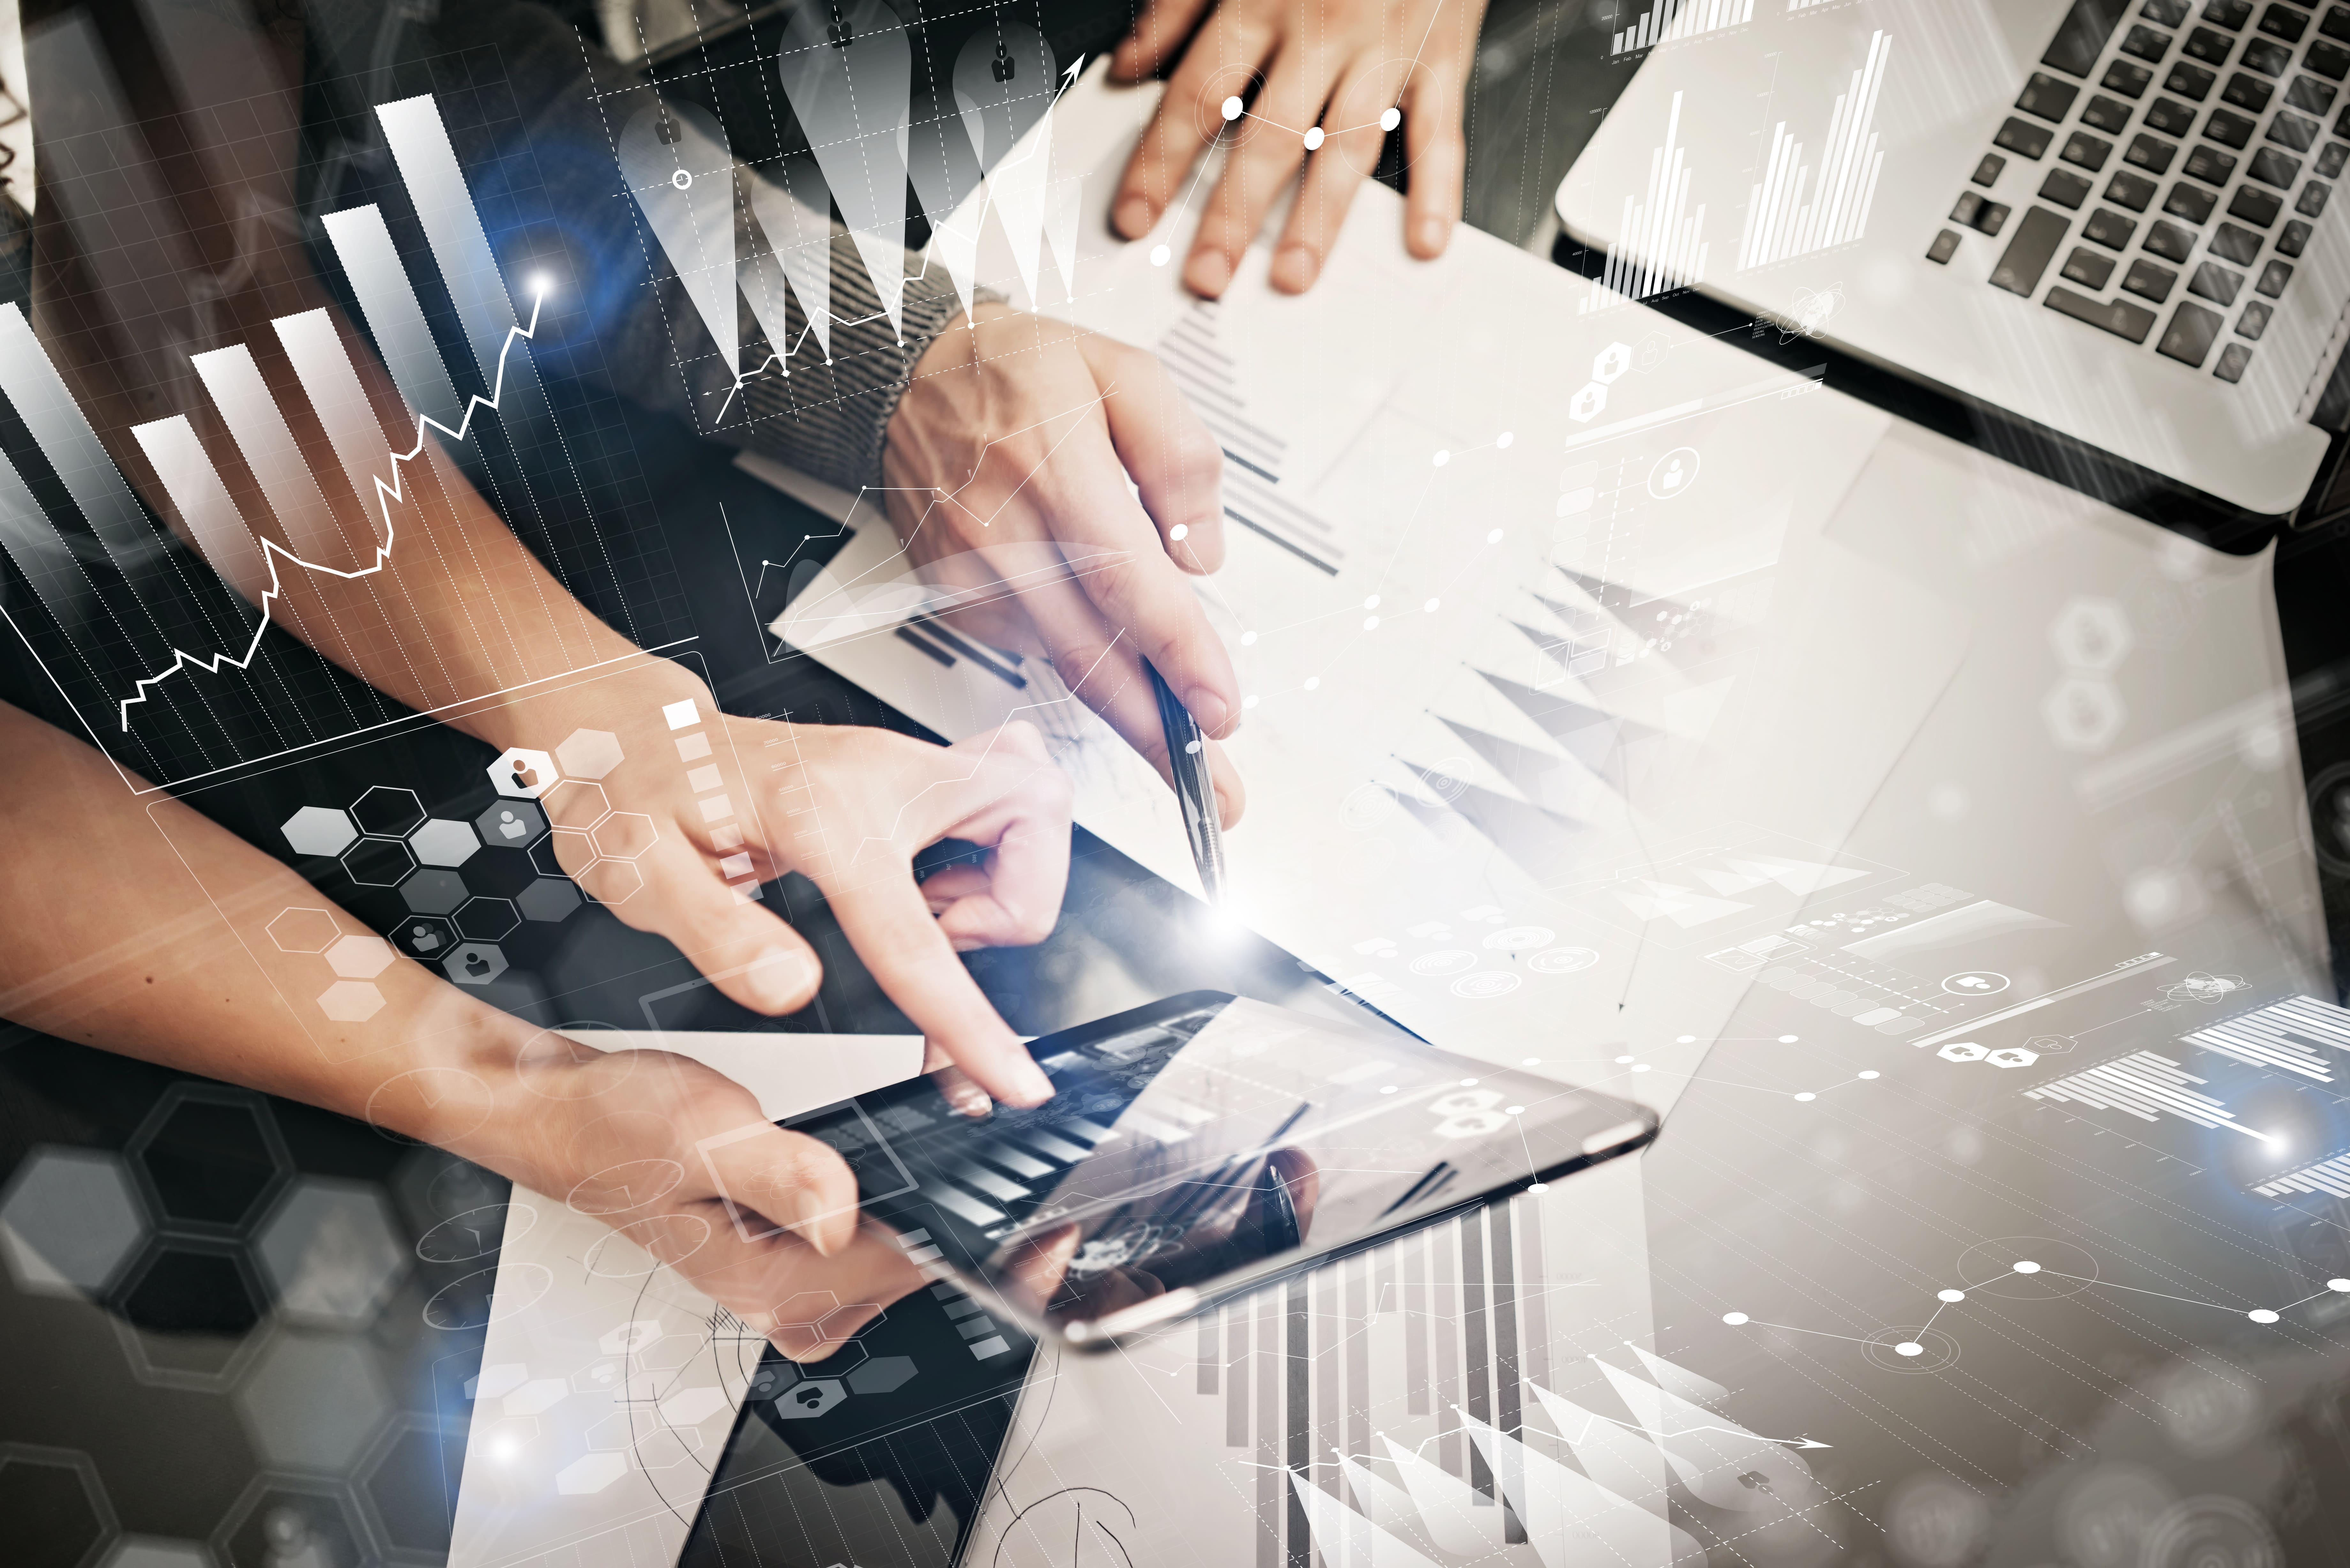 O principal aliado do negócio é o marketing digital